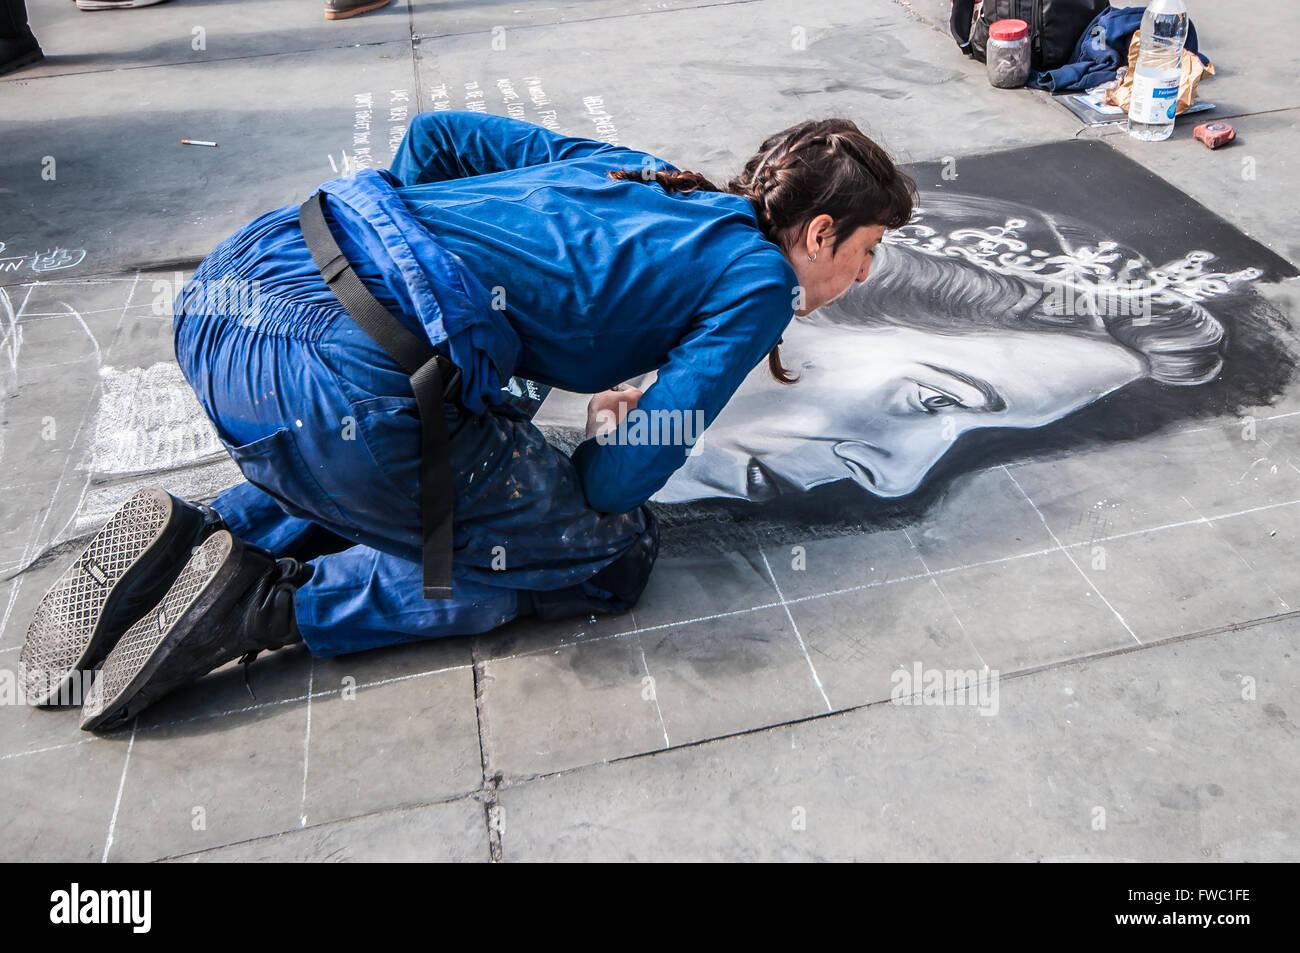 a-street-artist-chalking-a-picture-of-queen-elizabeth-ii-outside-the-FWC1FE.jpg